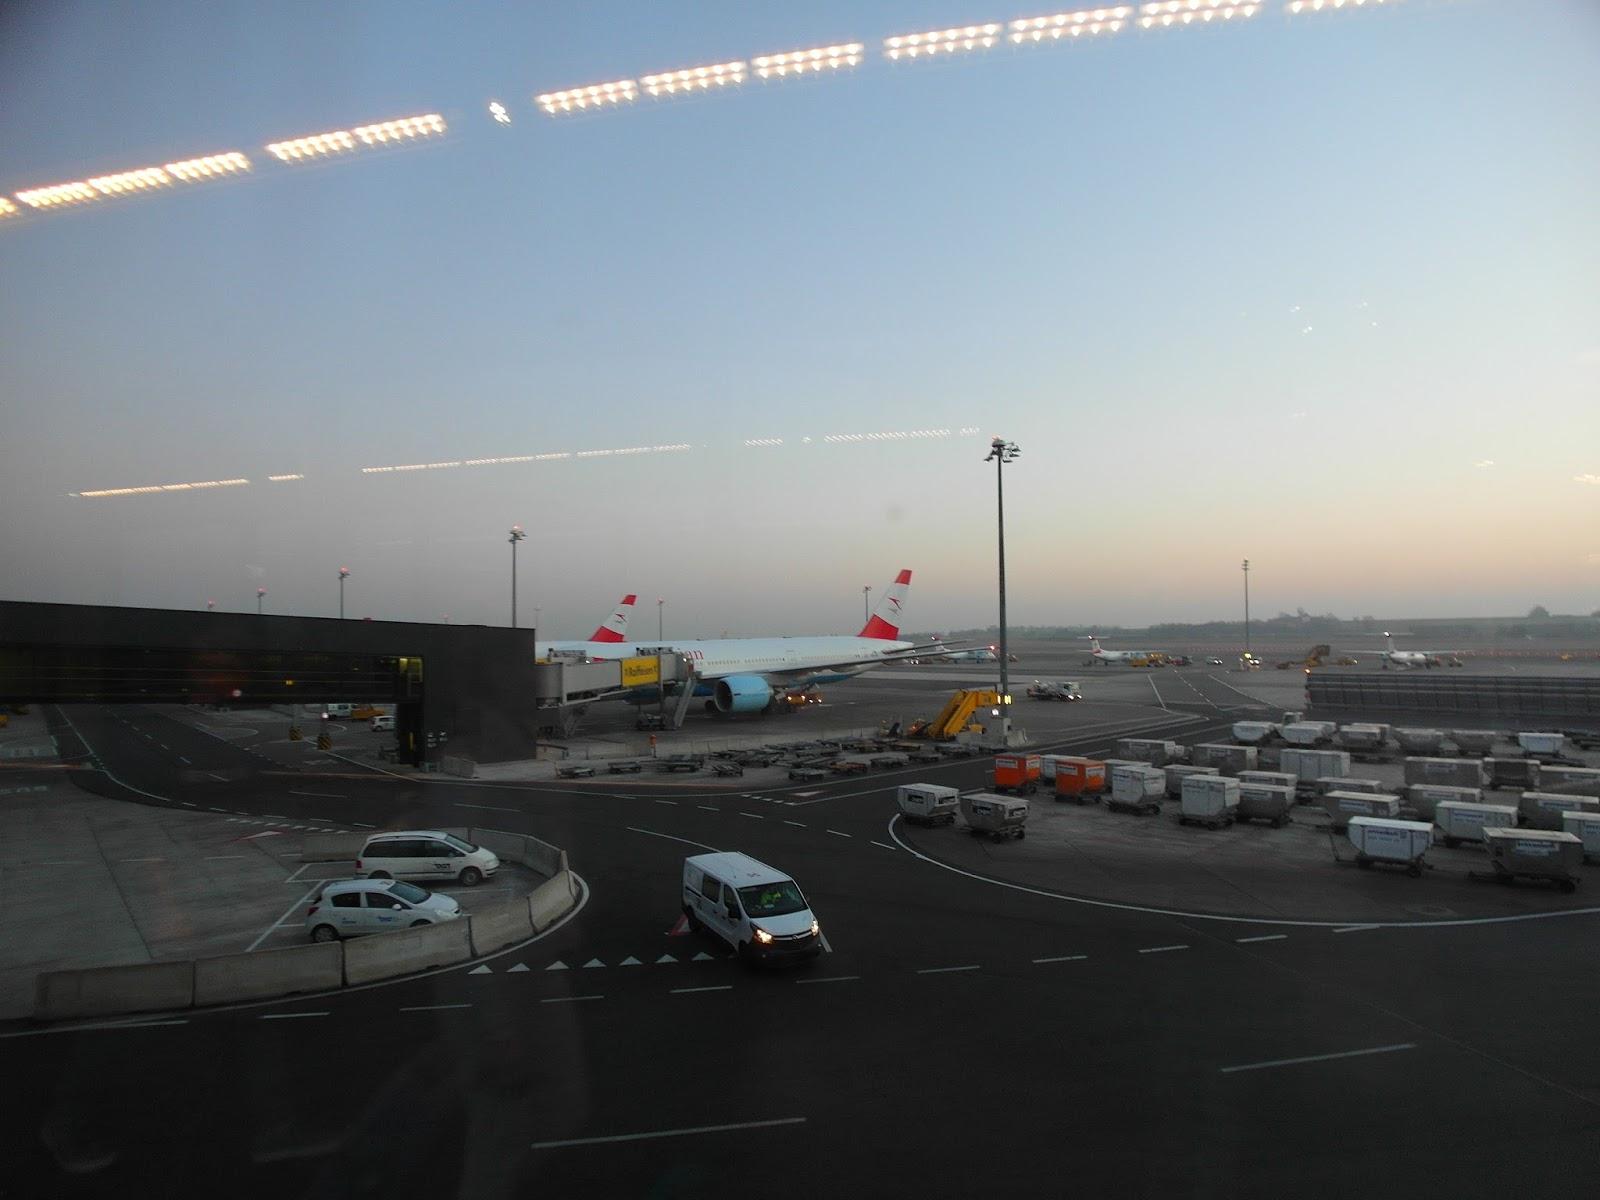 兔兔家族跑跑跑: 【冰島】 維也納機場 VIE 轉機